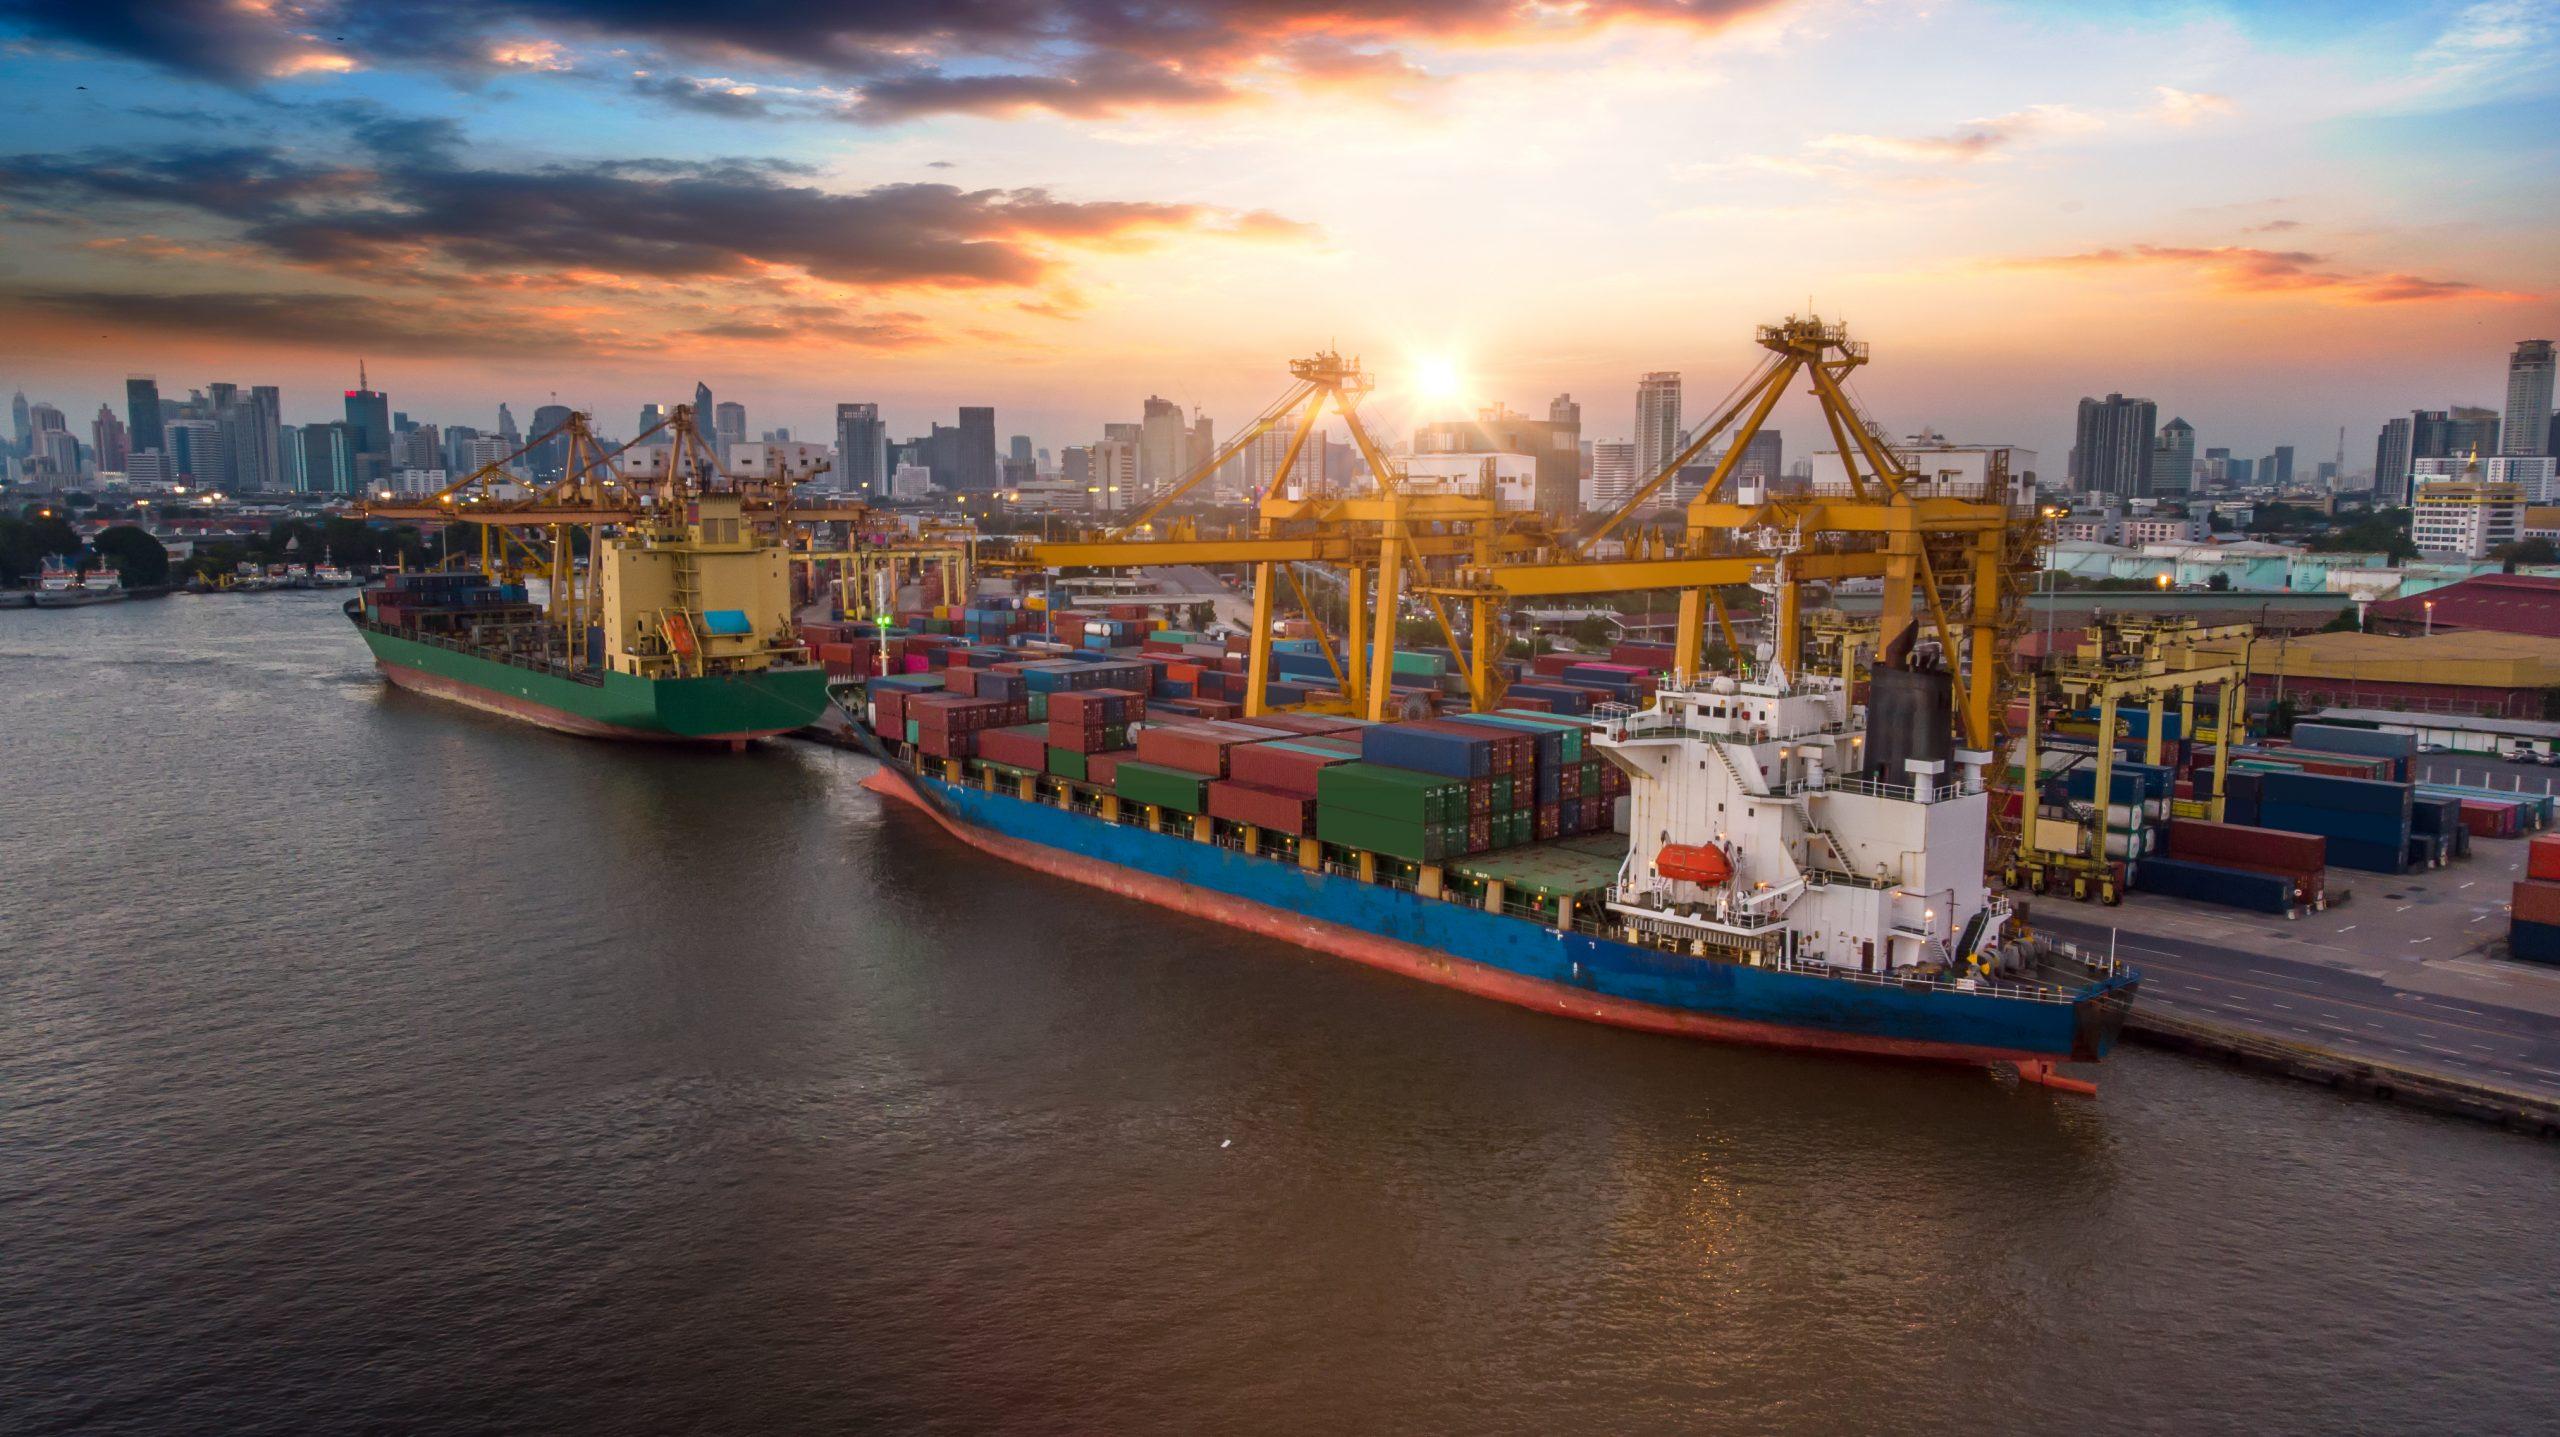 Elementos y estructuras de un puerto marítimo